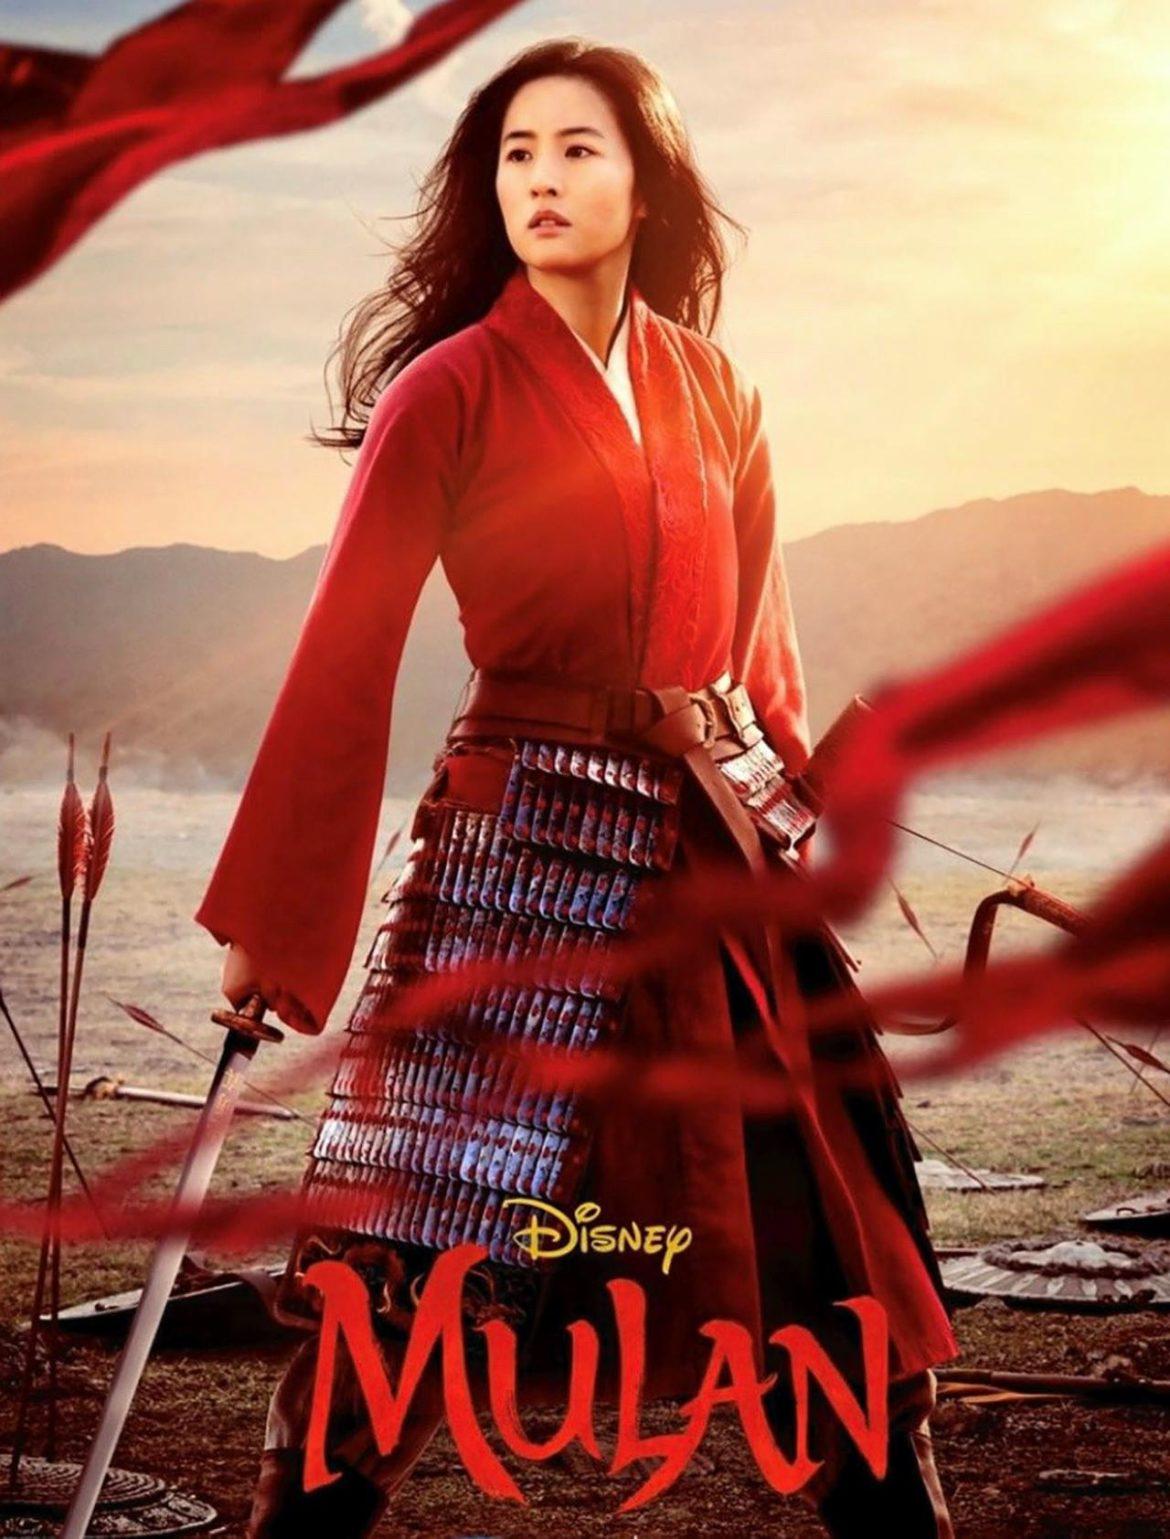 รีวิว หนัง Mulan หญิงแกร่งแดนมังกร ไม่ได้มีดีแค่ฉากต่อสู้สุดอลังการ!